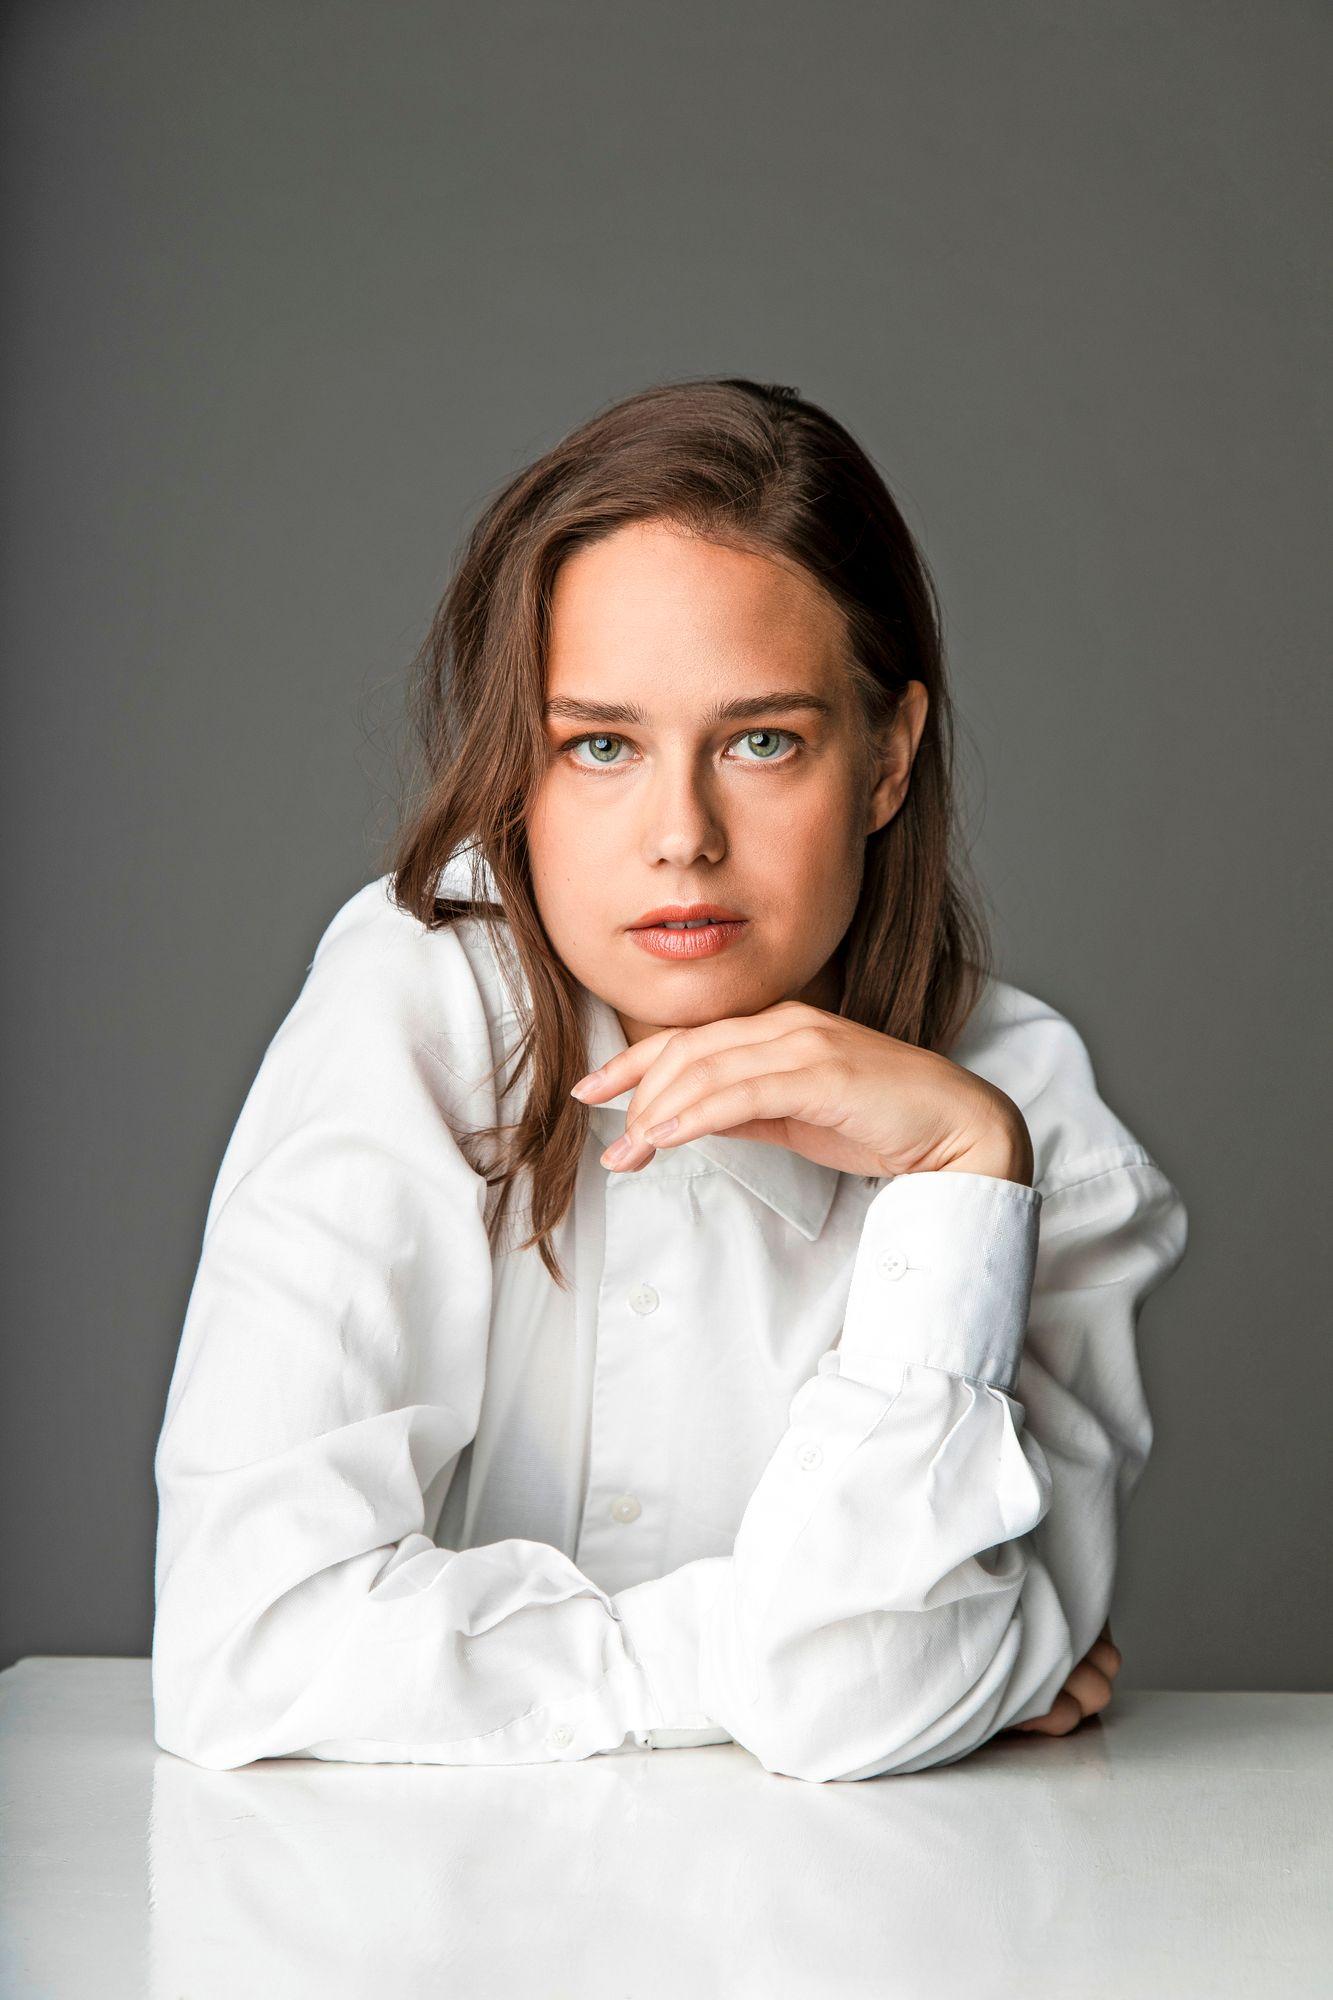 """""""Sarjaa oli ihana olla tekemässä. Mukana oli niin ihana työryhmä. Viroon reissaamiseen tottui nopeasti ja laivasta tuli kotoisa"""", näyttelijä Sonja Kuittinen tuumasi. © Henni Hyvärinen"""